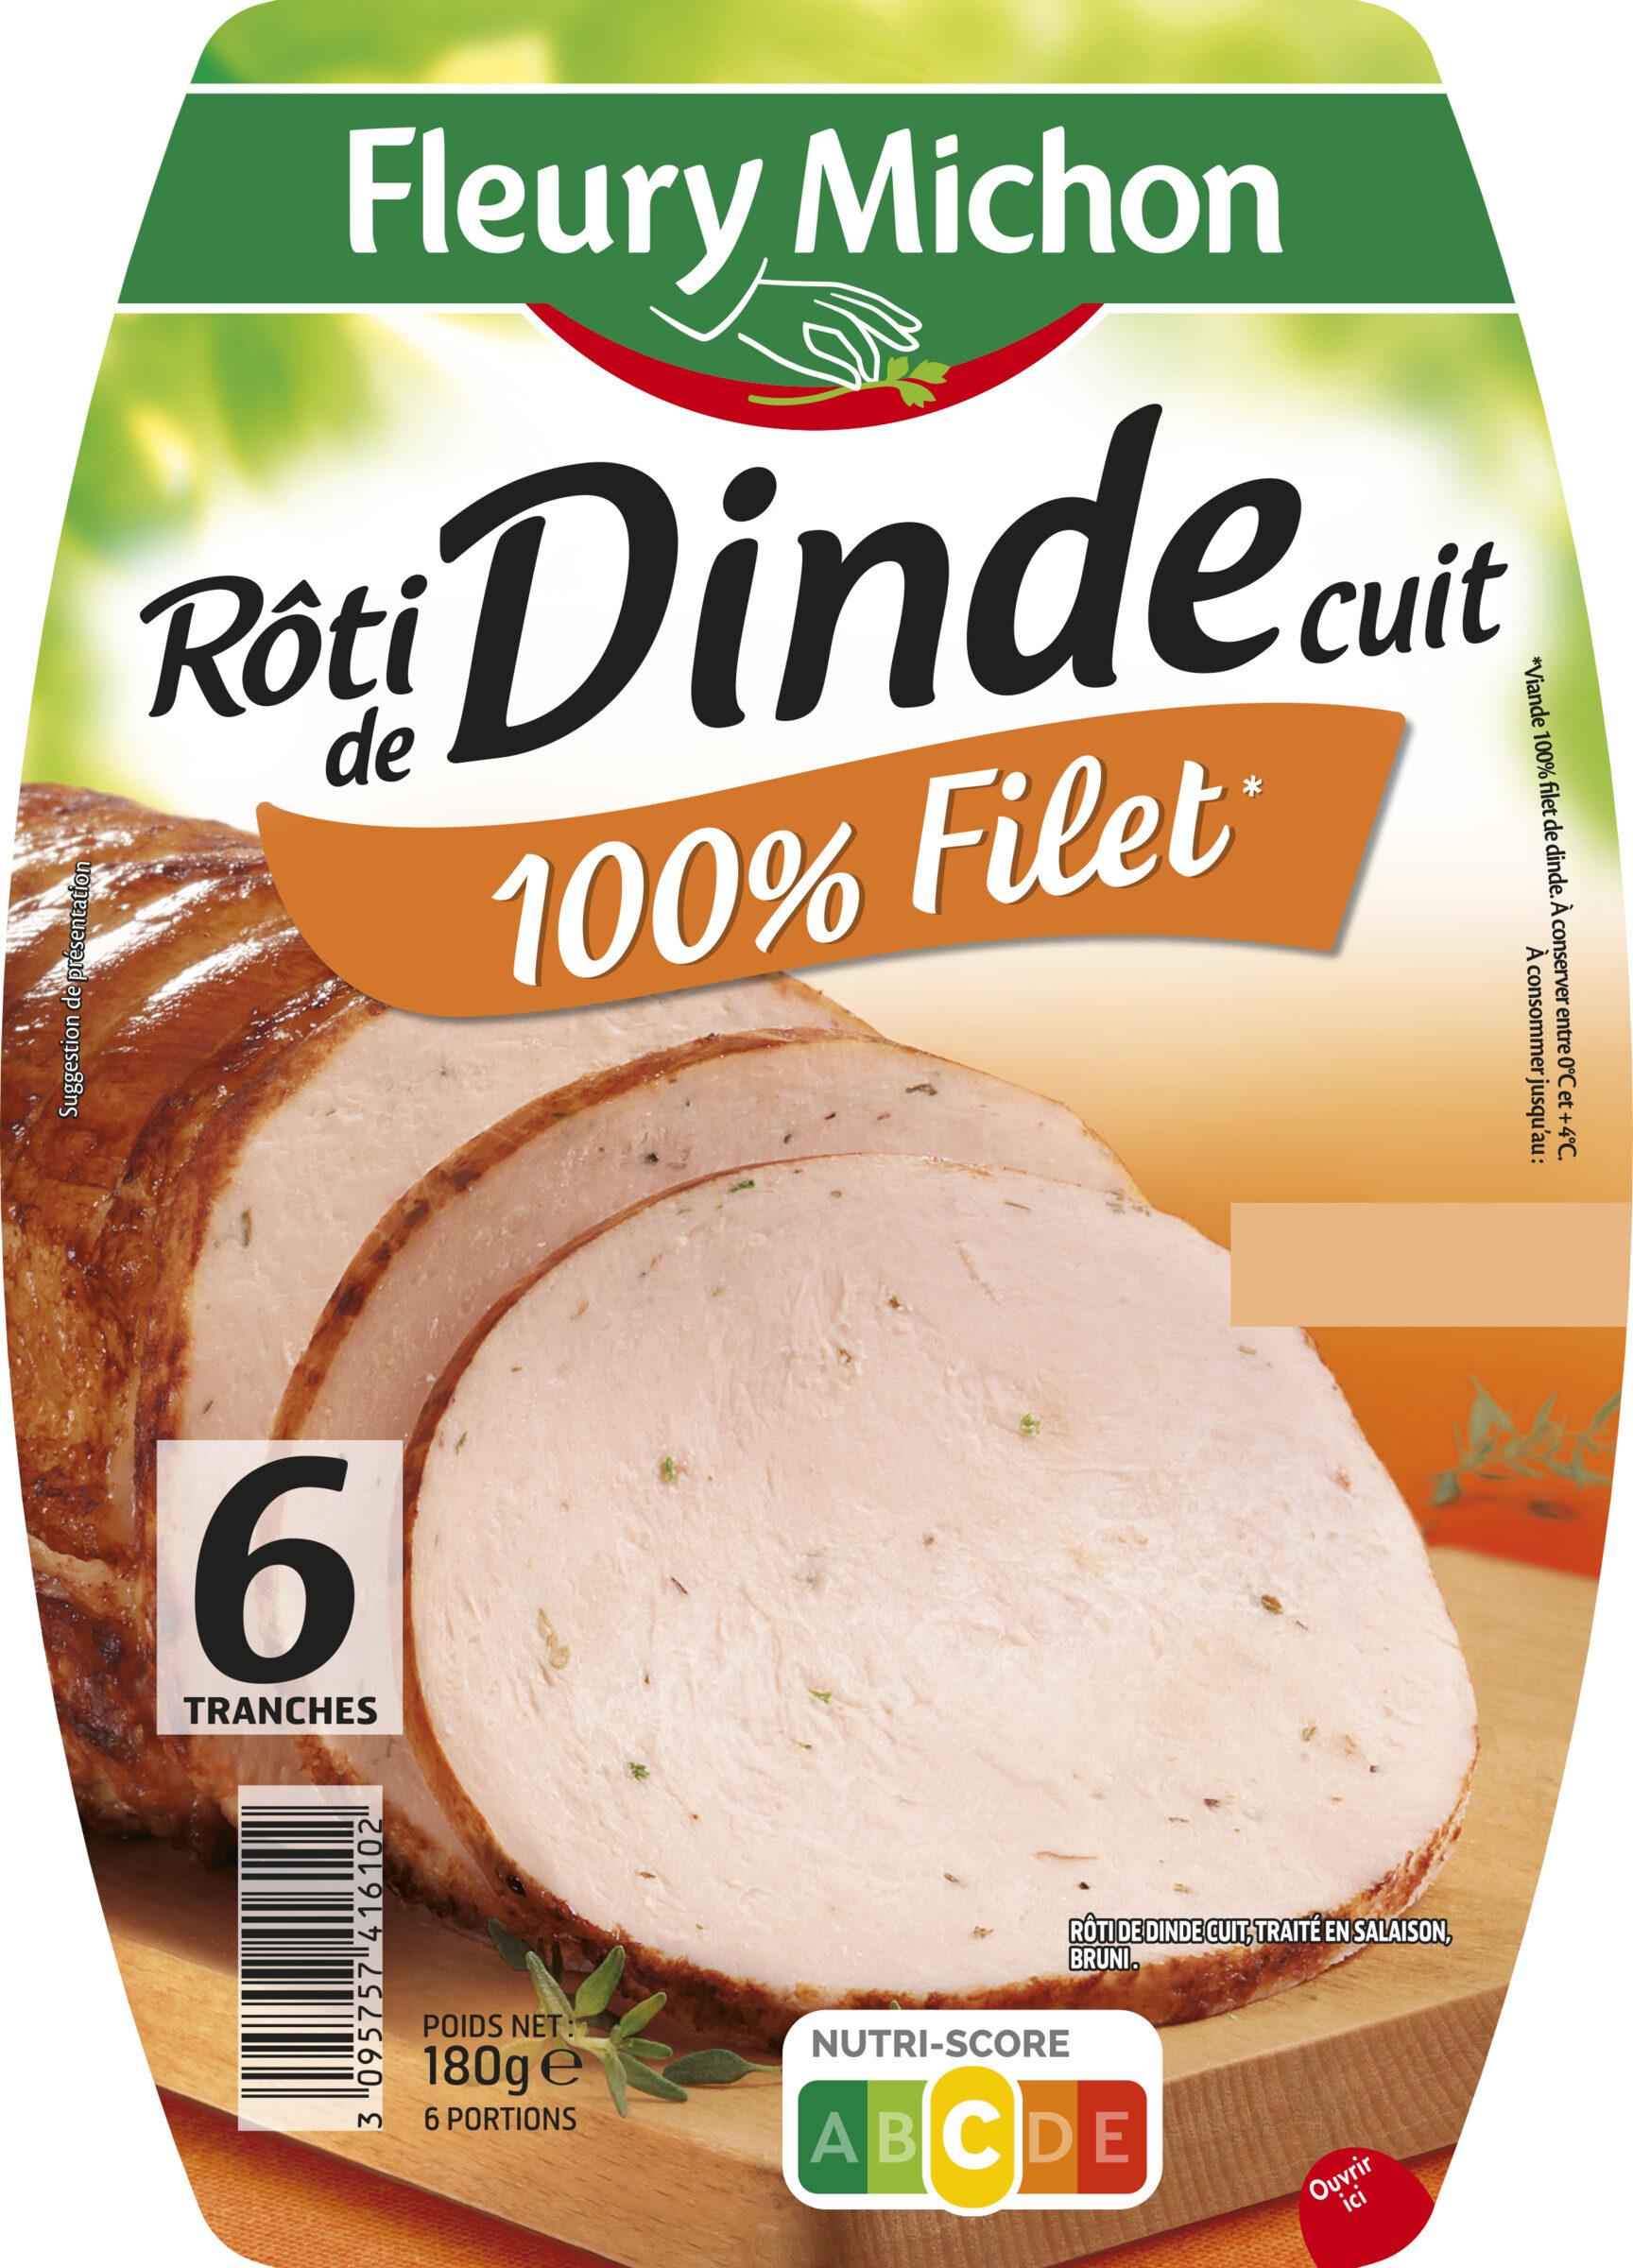 Rôti de dinde cuit 100% filet* - 6 tranches - Product - fr